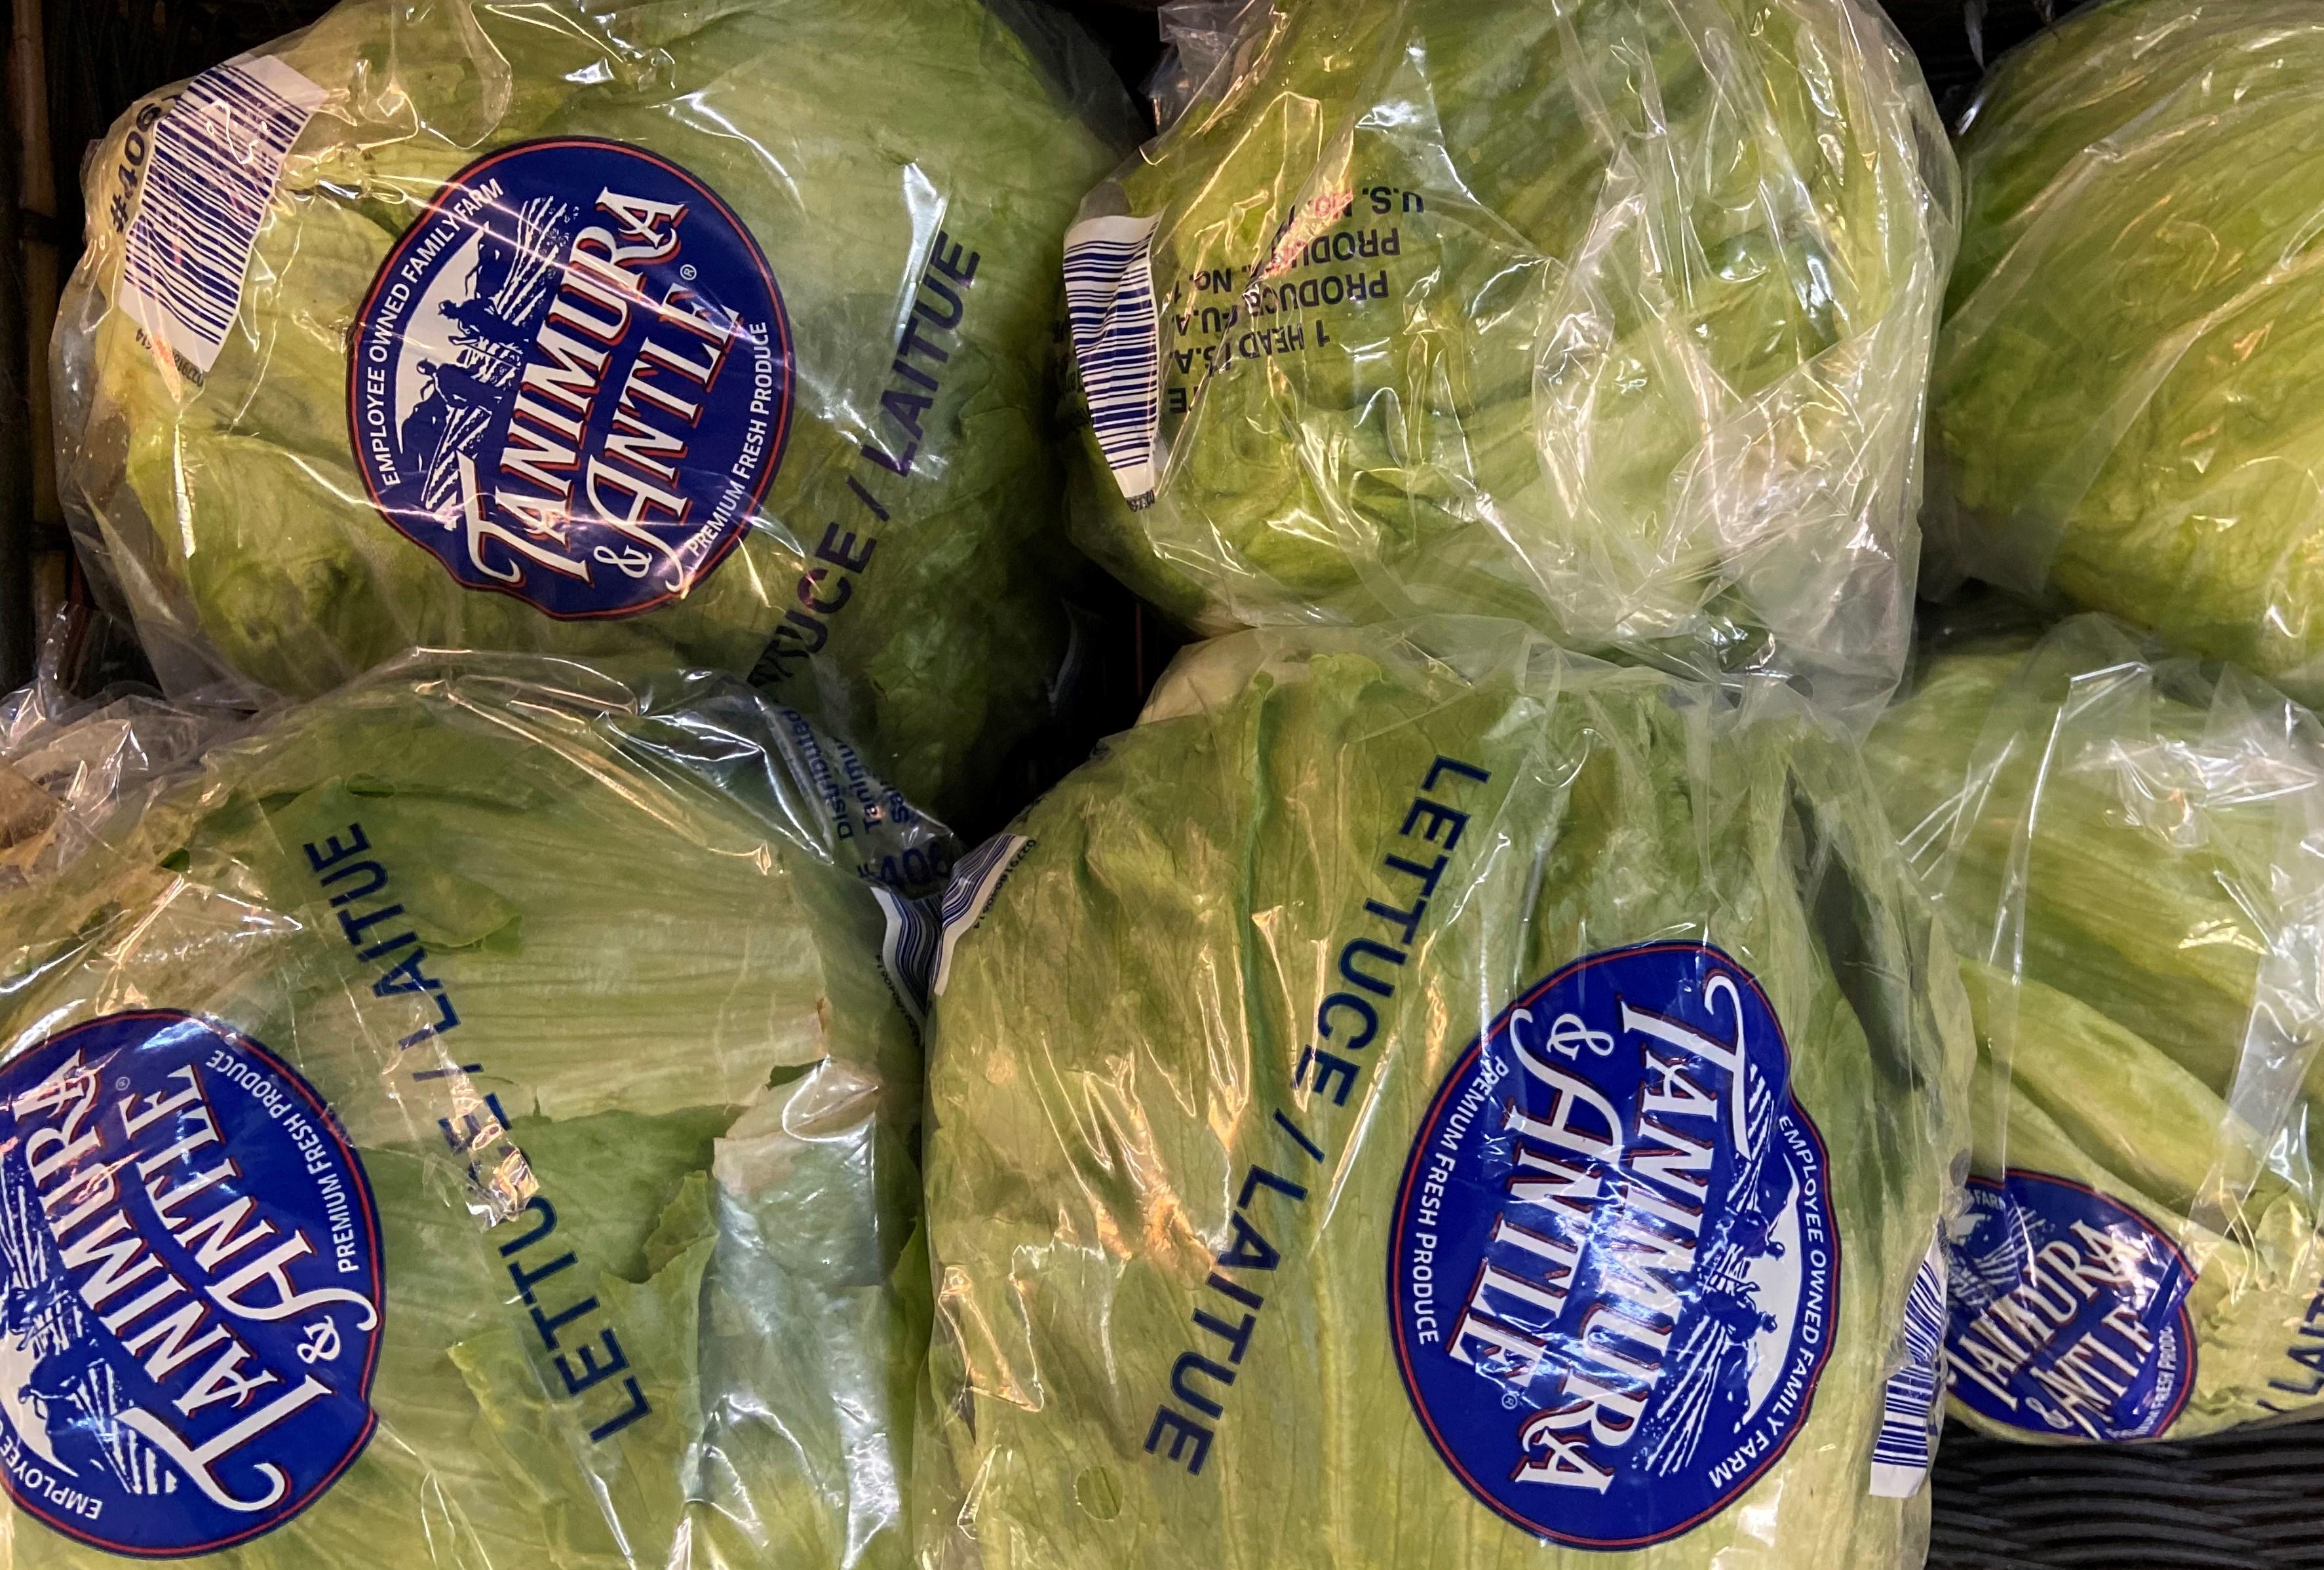 iceberg lettuce 2